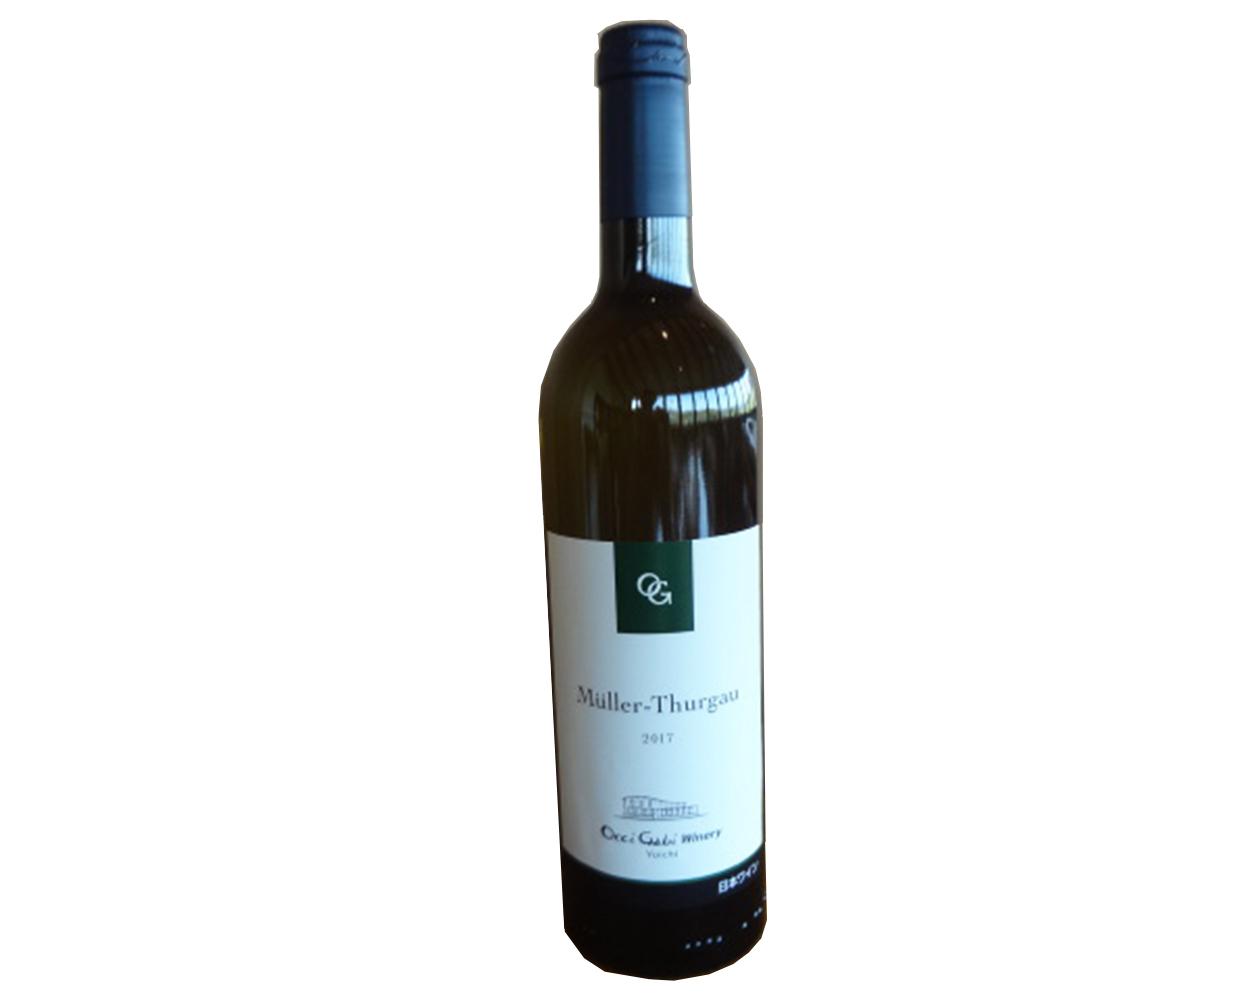 白ワイン ミュラートルガウ 2017 750ml